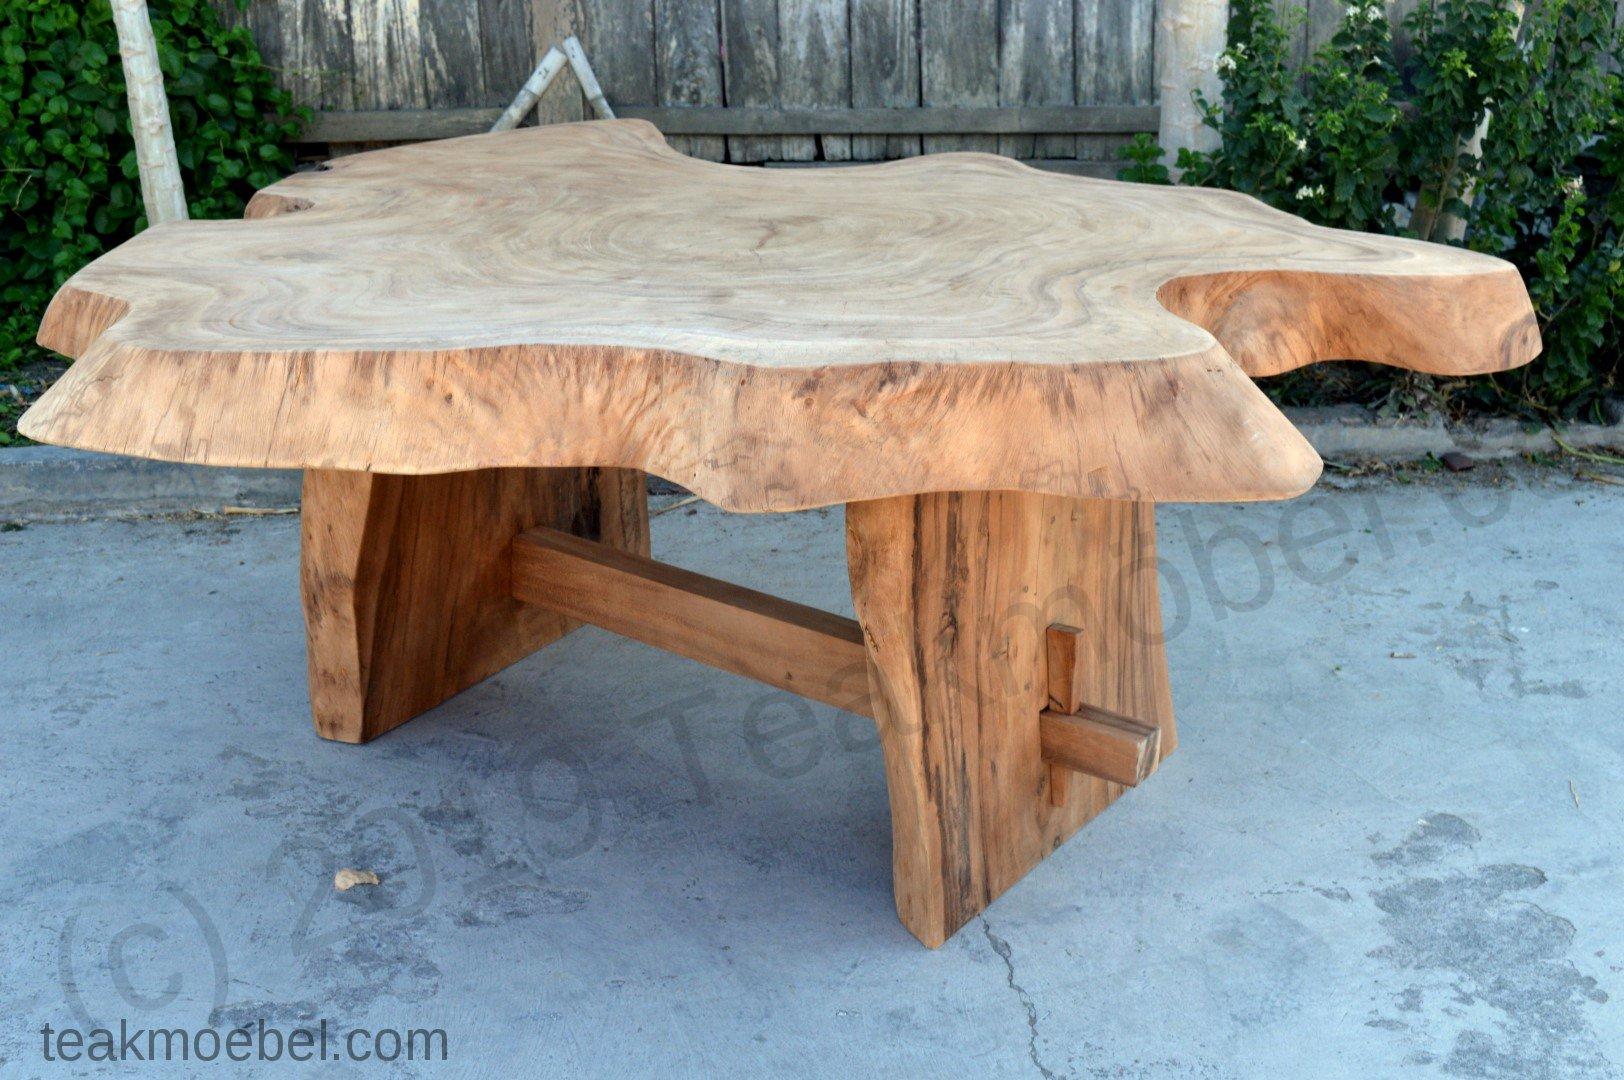 Cool Holzstumpf Tisch Gallery Of Perfect Awesome Baumstamm With Esstisch Baumplatte